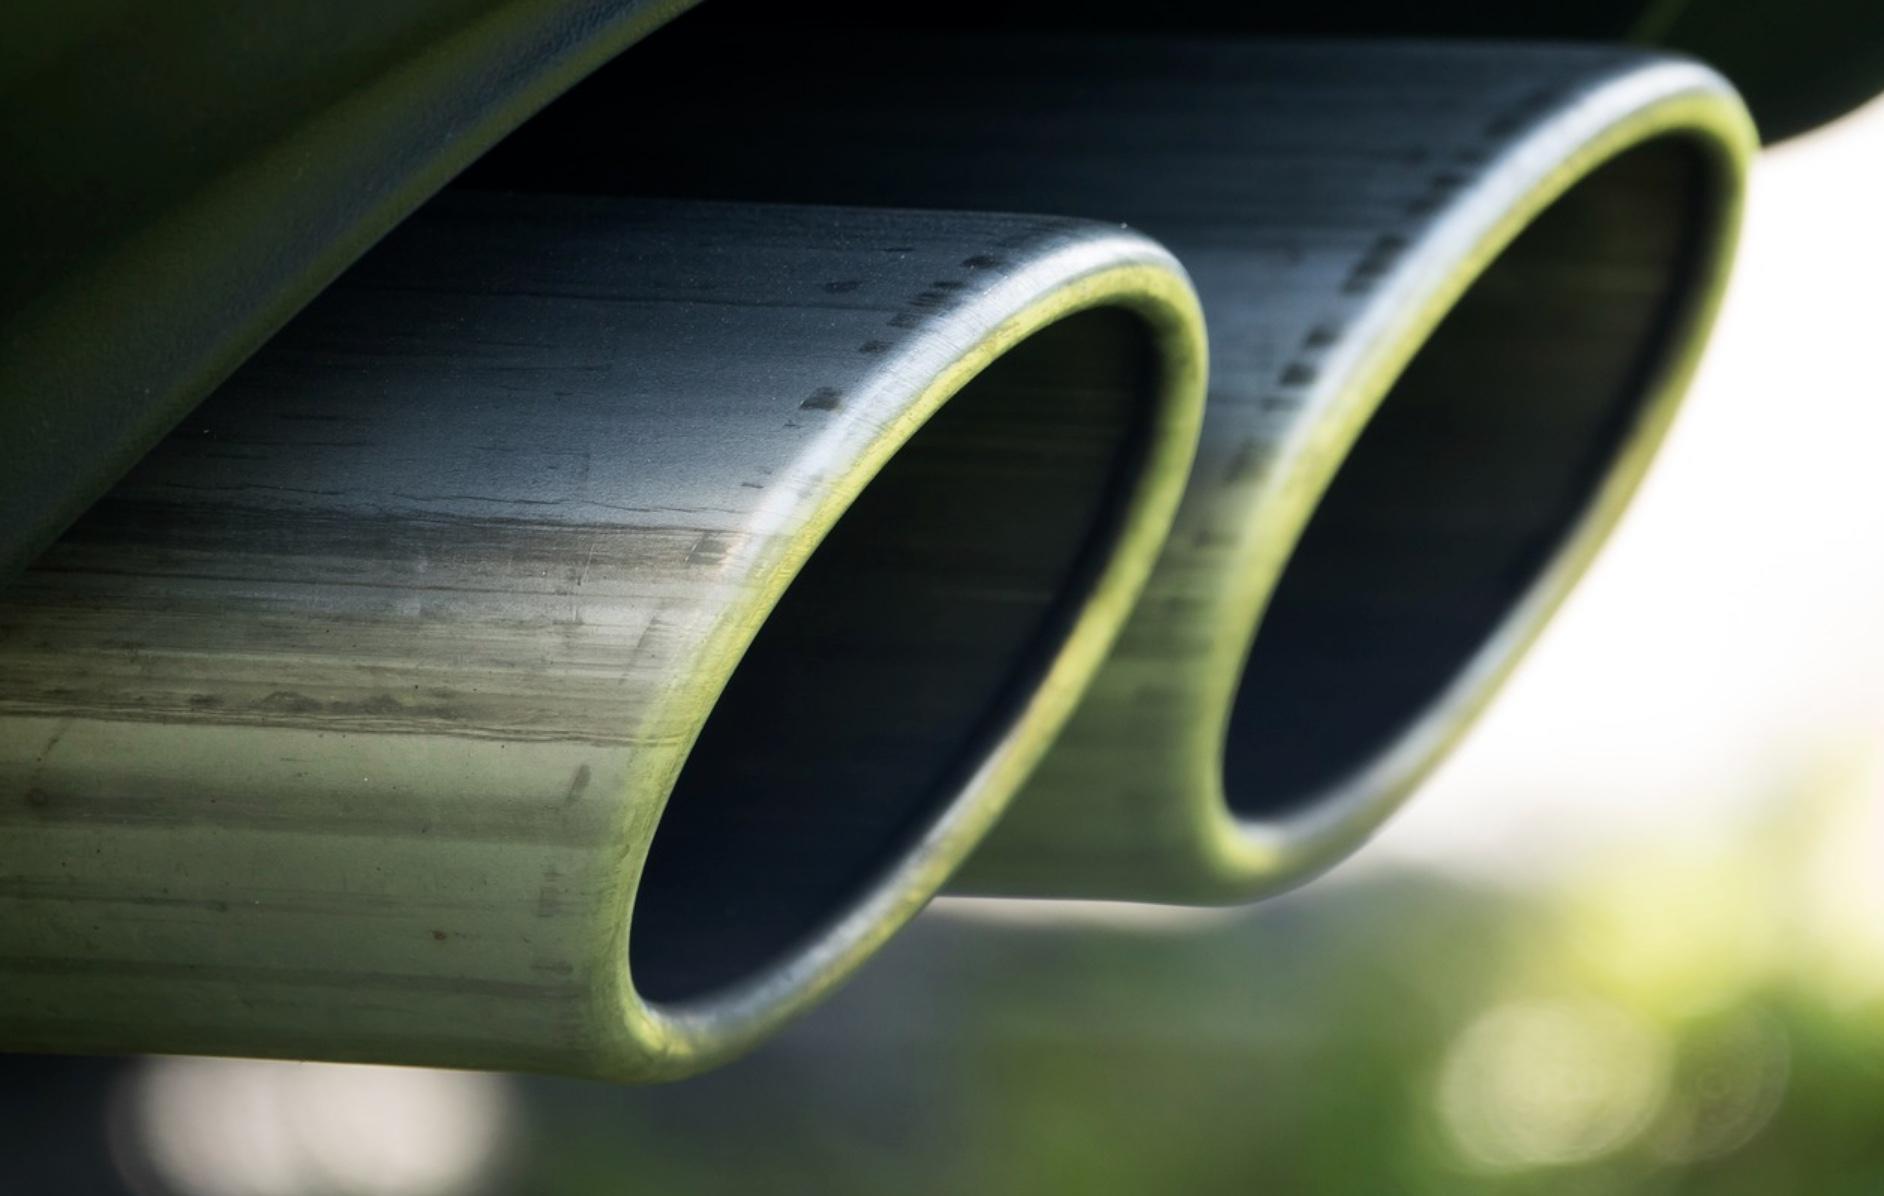 Mufflers, we service mufflers & exhaust in Murfreesboro, TN, auto service, repair and maintenance at Murfreesboro Auto Repair.